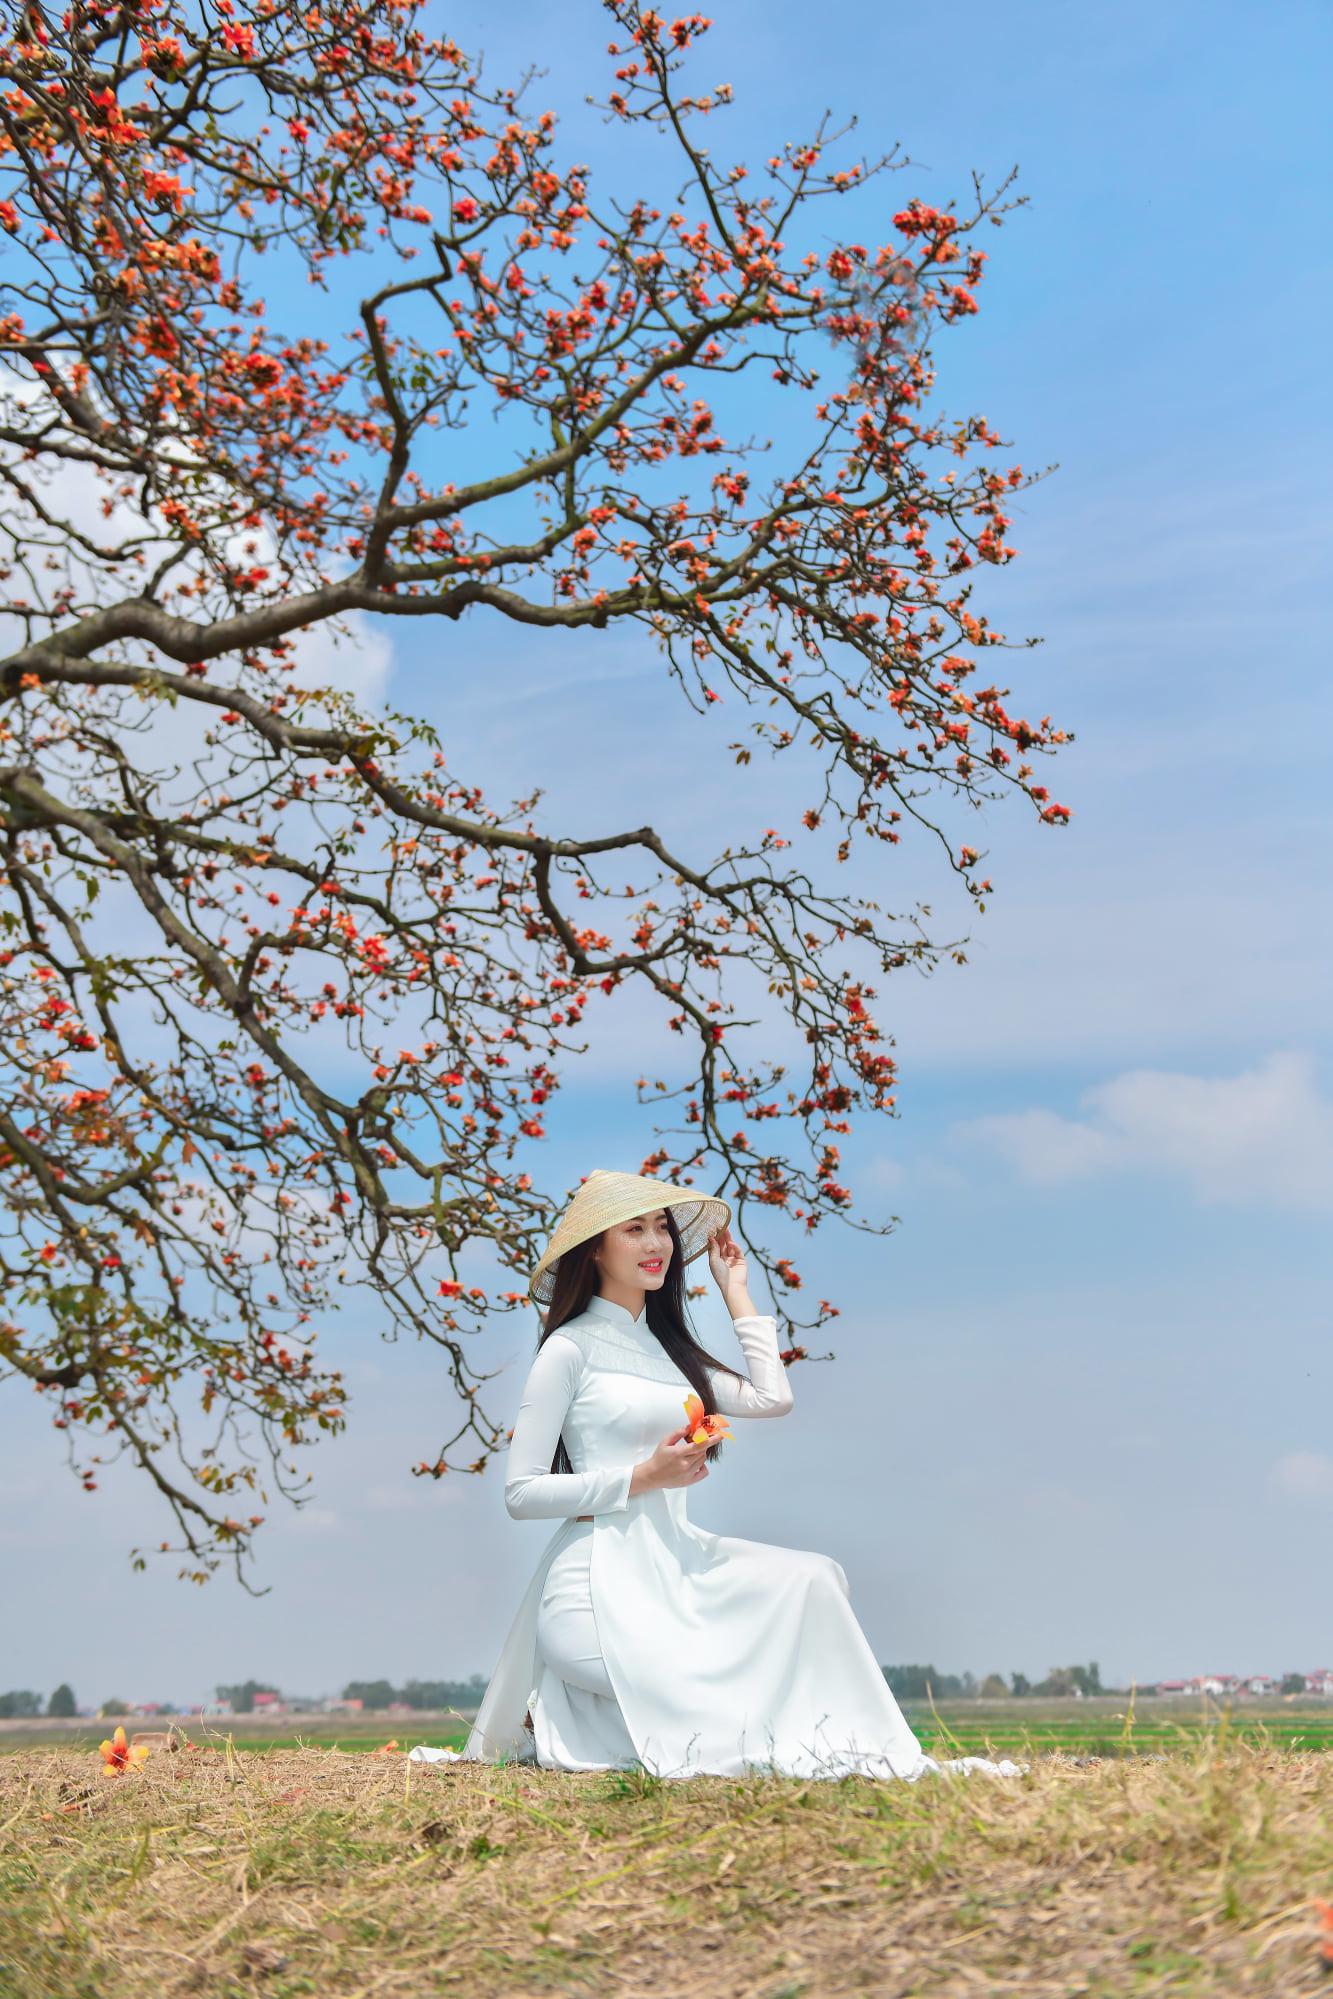 Tuyển tập girl xinh gái đẹp Việt Nam mặc áo dài đẹp mê hồn #57 - 26